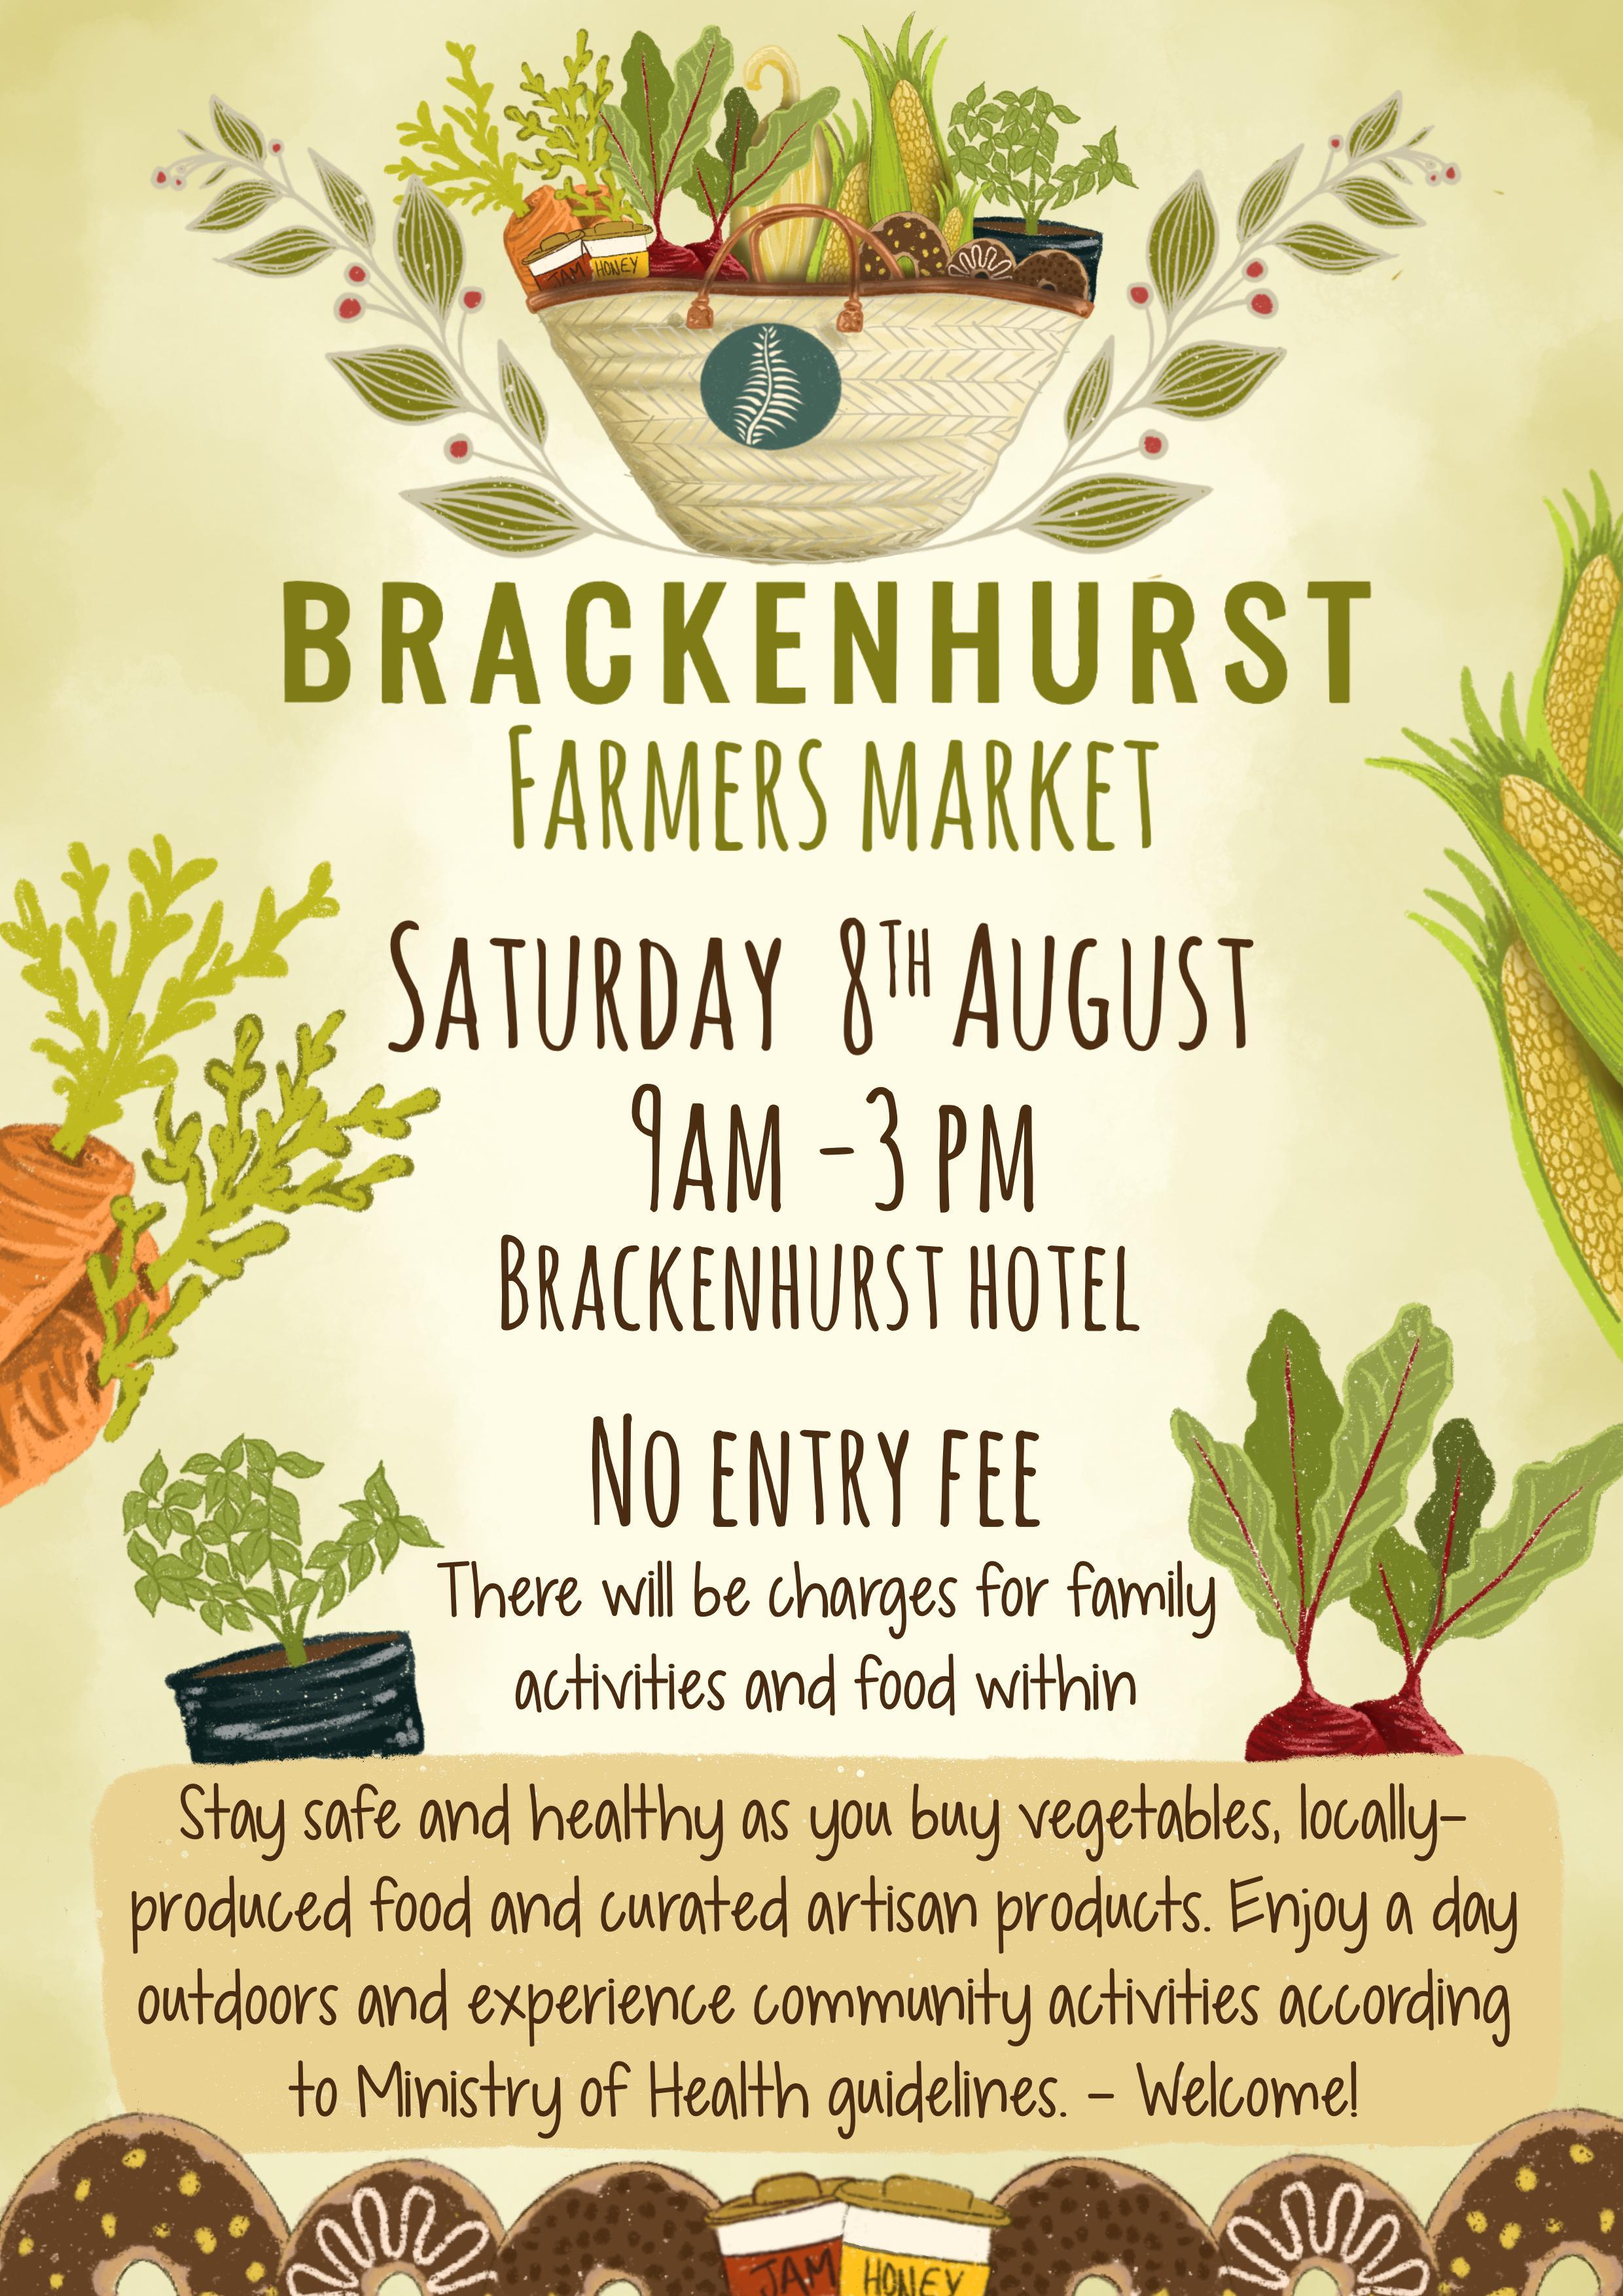 Brackenhurst Farmers Market